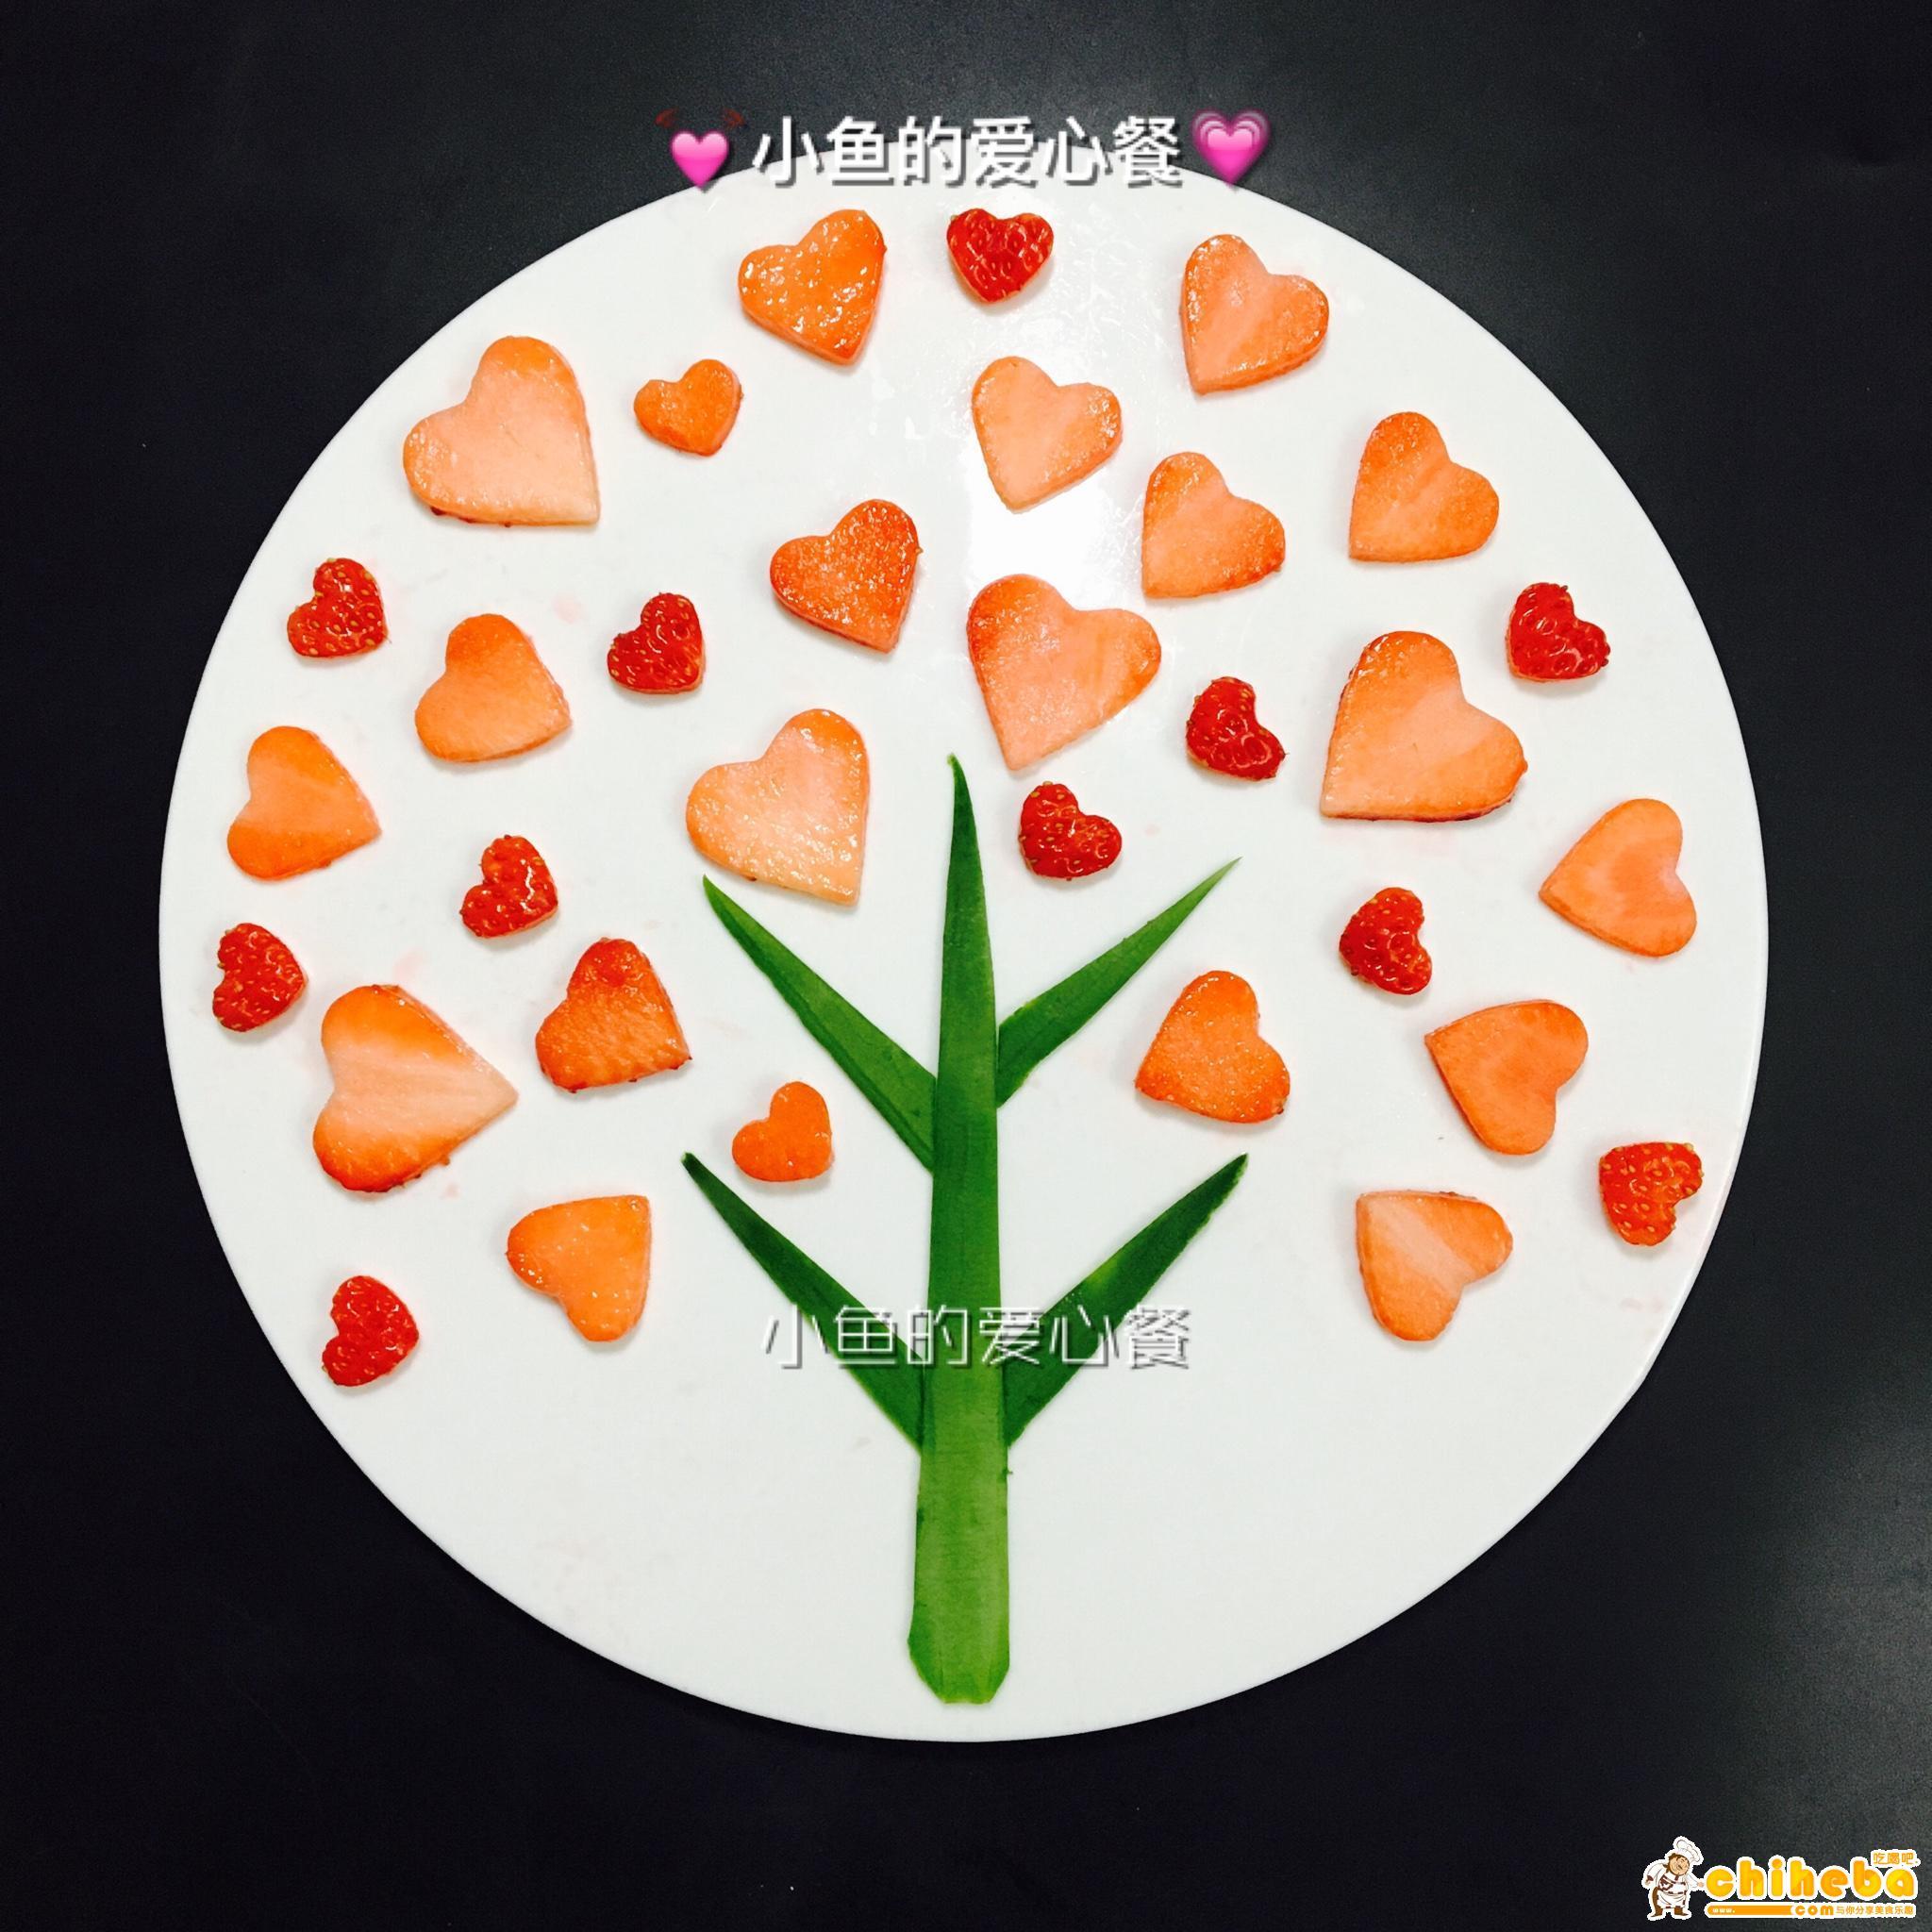 爱心树—创意水果拼盘